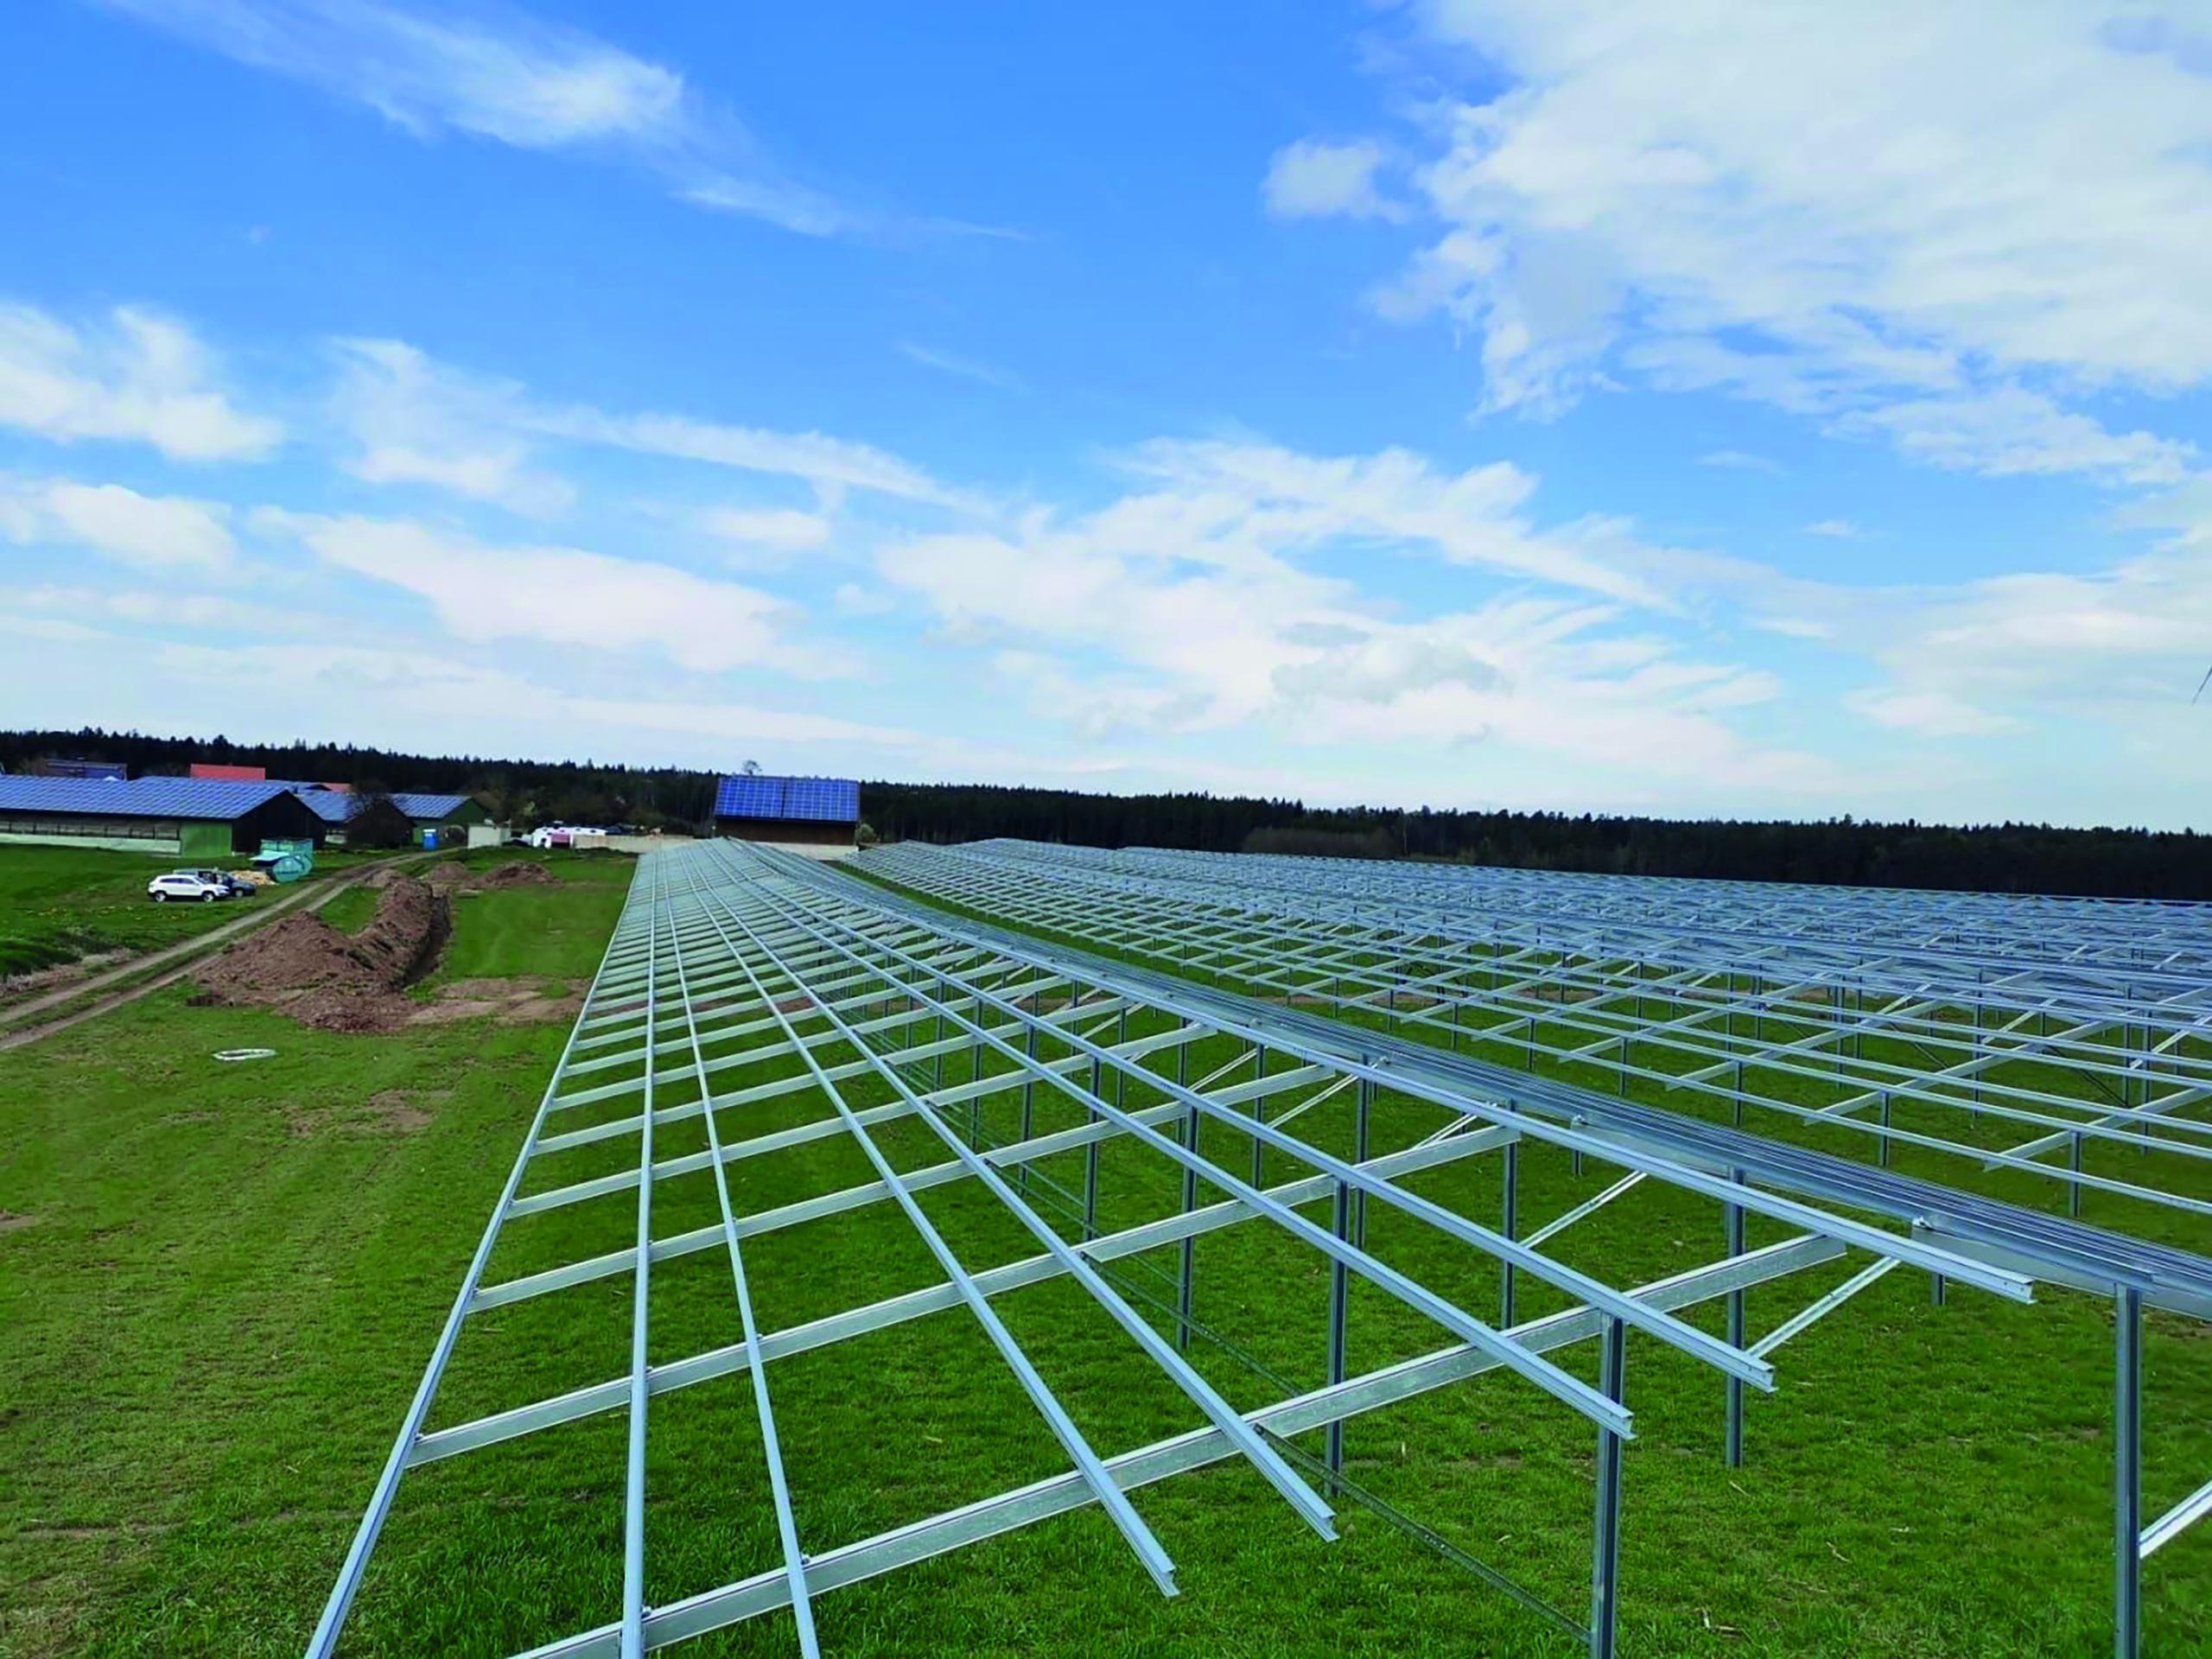 SL Rack Freiflächensystem - 4V-Ost-West-System | Standort: Bayern, Deutschland | Leistung: 3,2 MWp